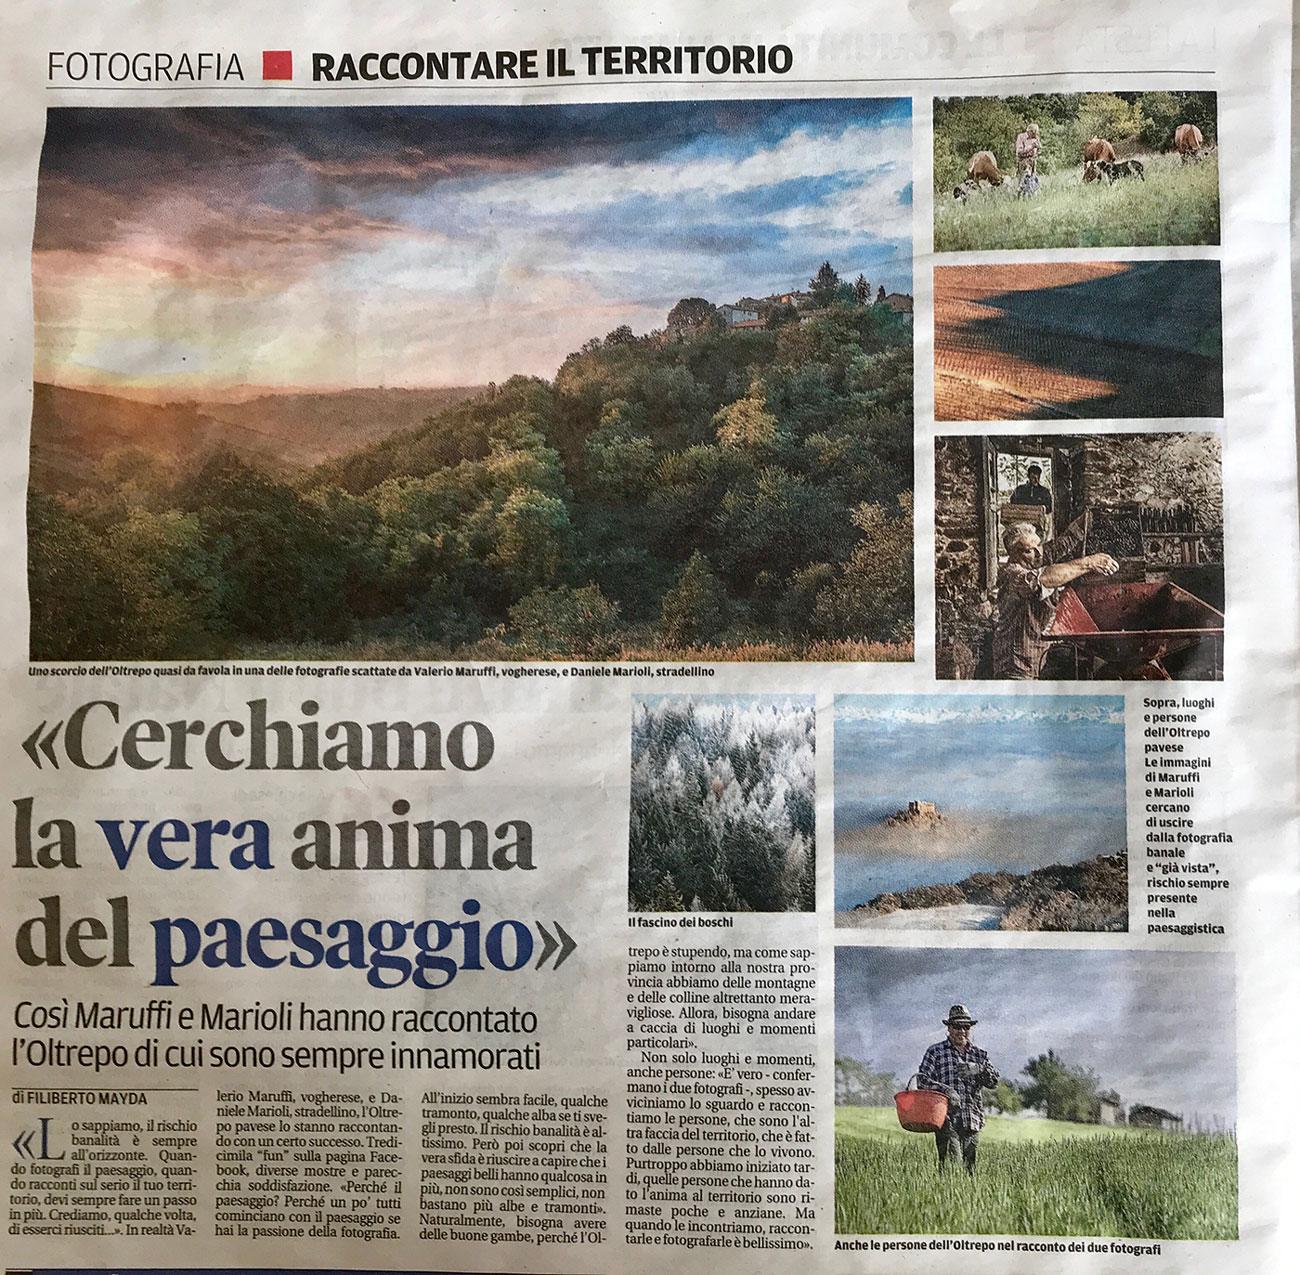 Articolo fotografia paesaggio oltrepò marioli maruffi